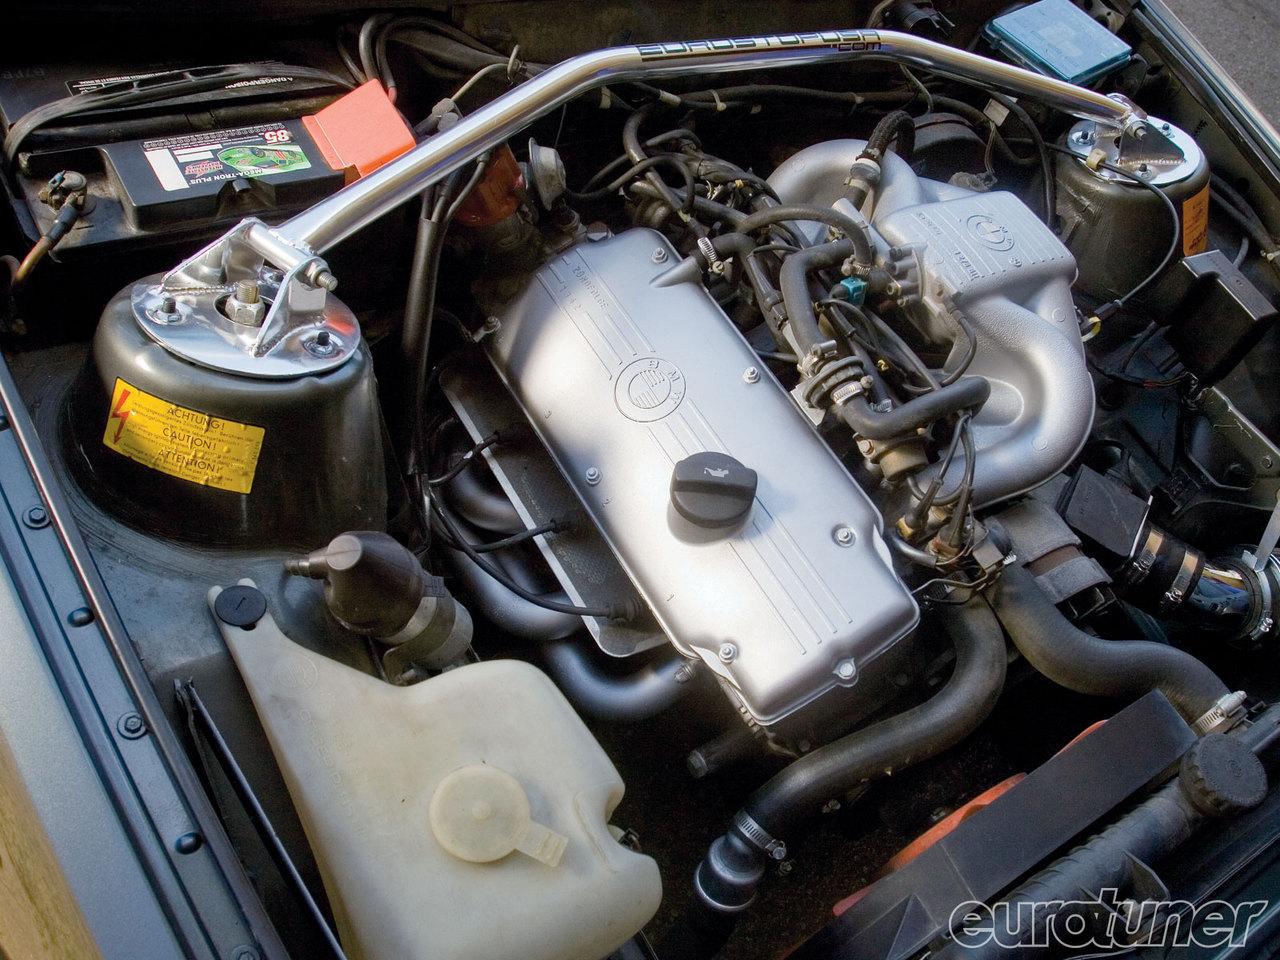 будет ли работать приборка от 6-ти цилиндрового двигателя bmw e30 с двигателем m10